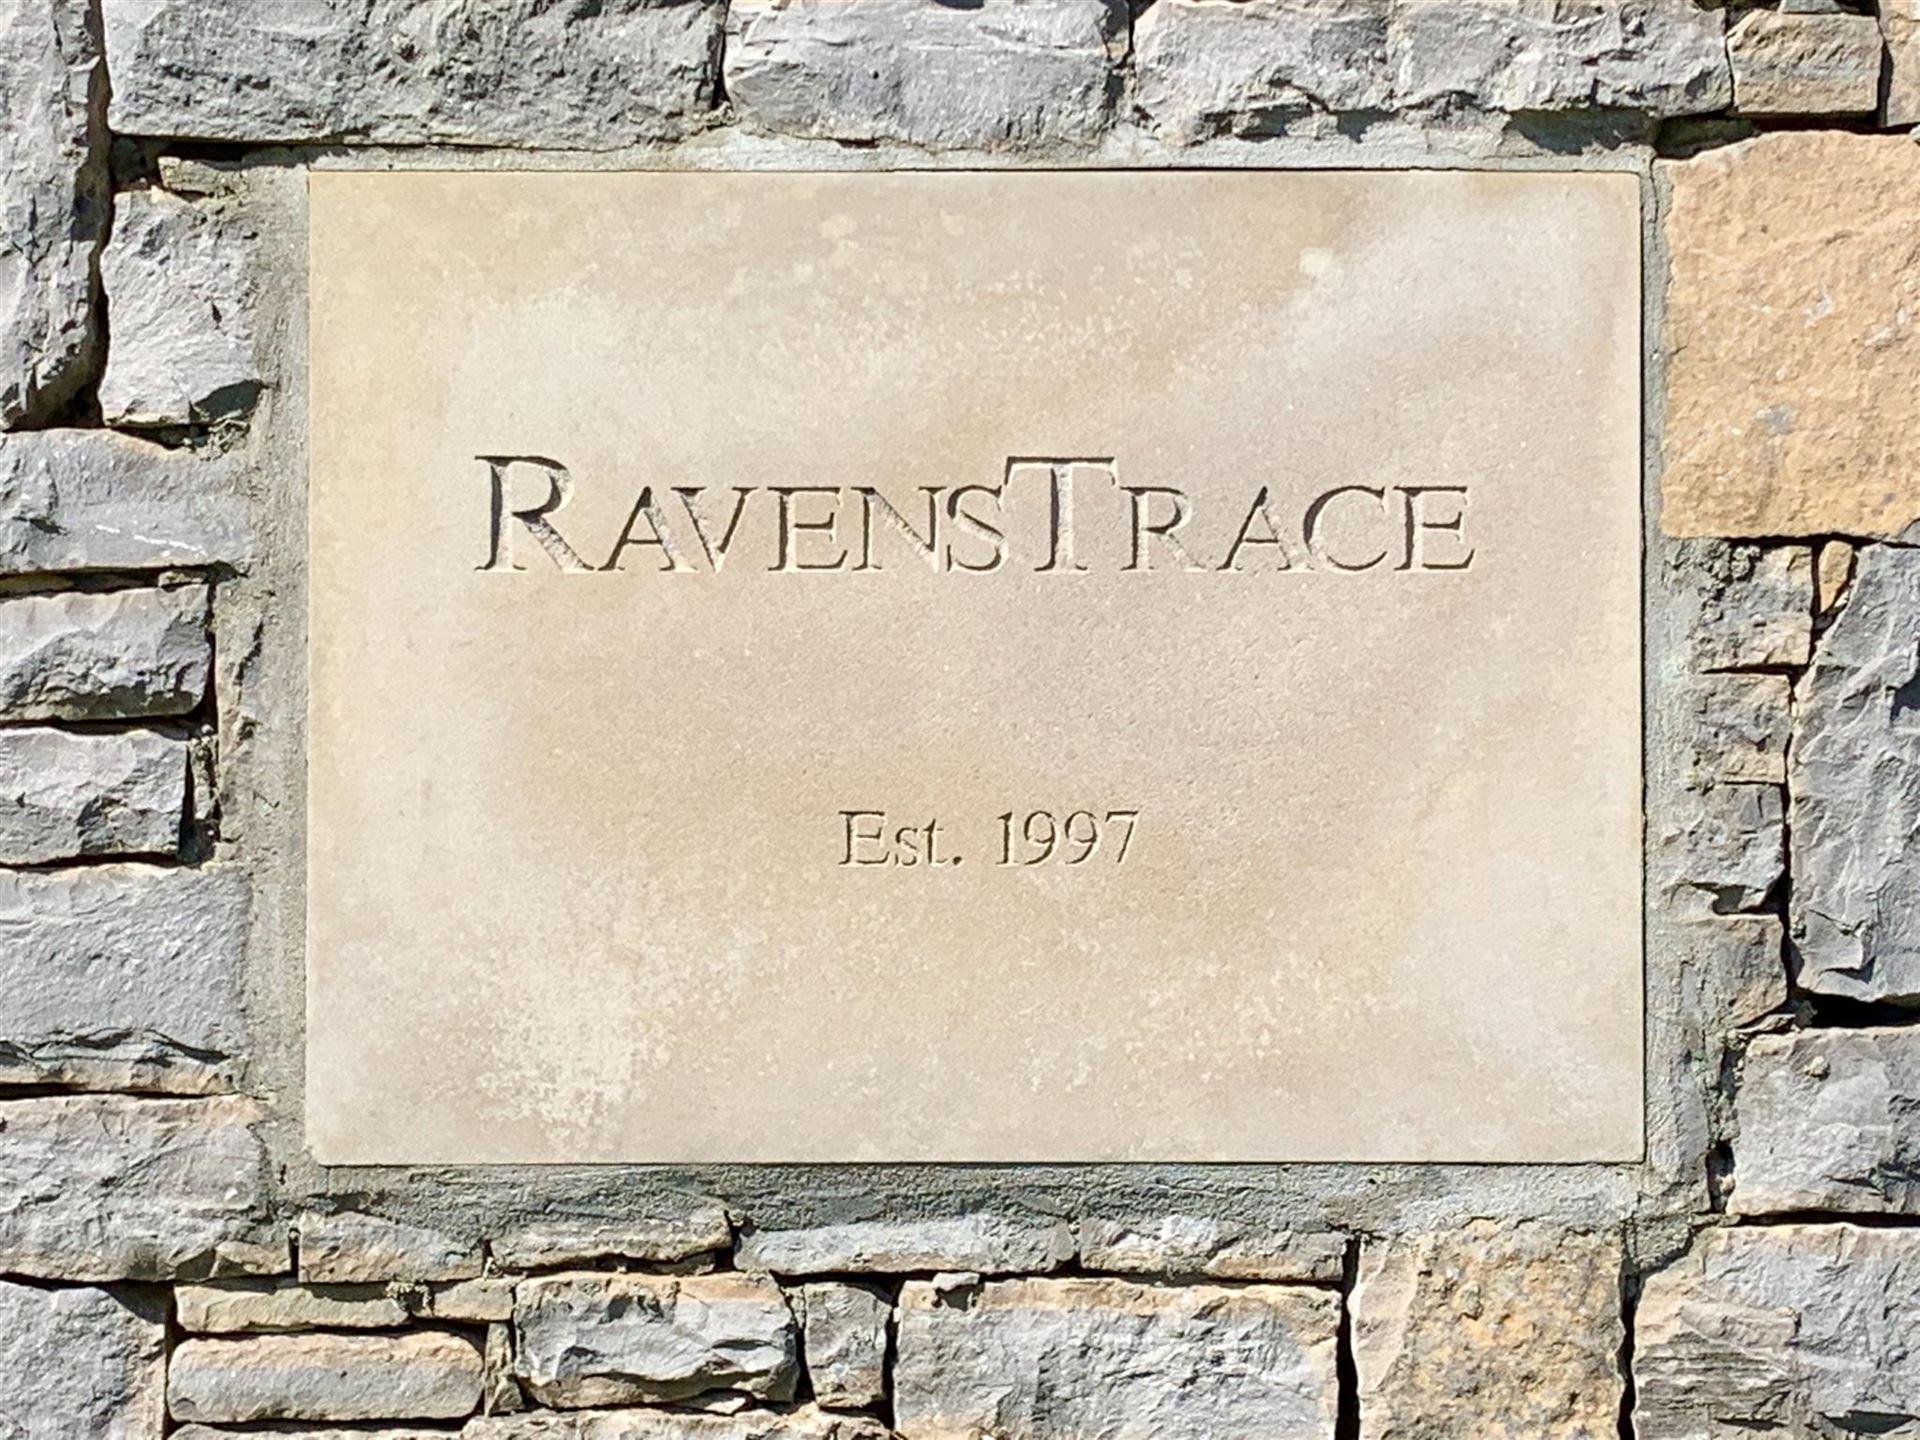 Photo of 3715 Ravens Trace Ln, Franklin, TN 37064 (MLS # 2068809)